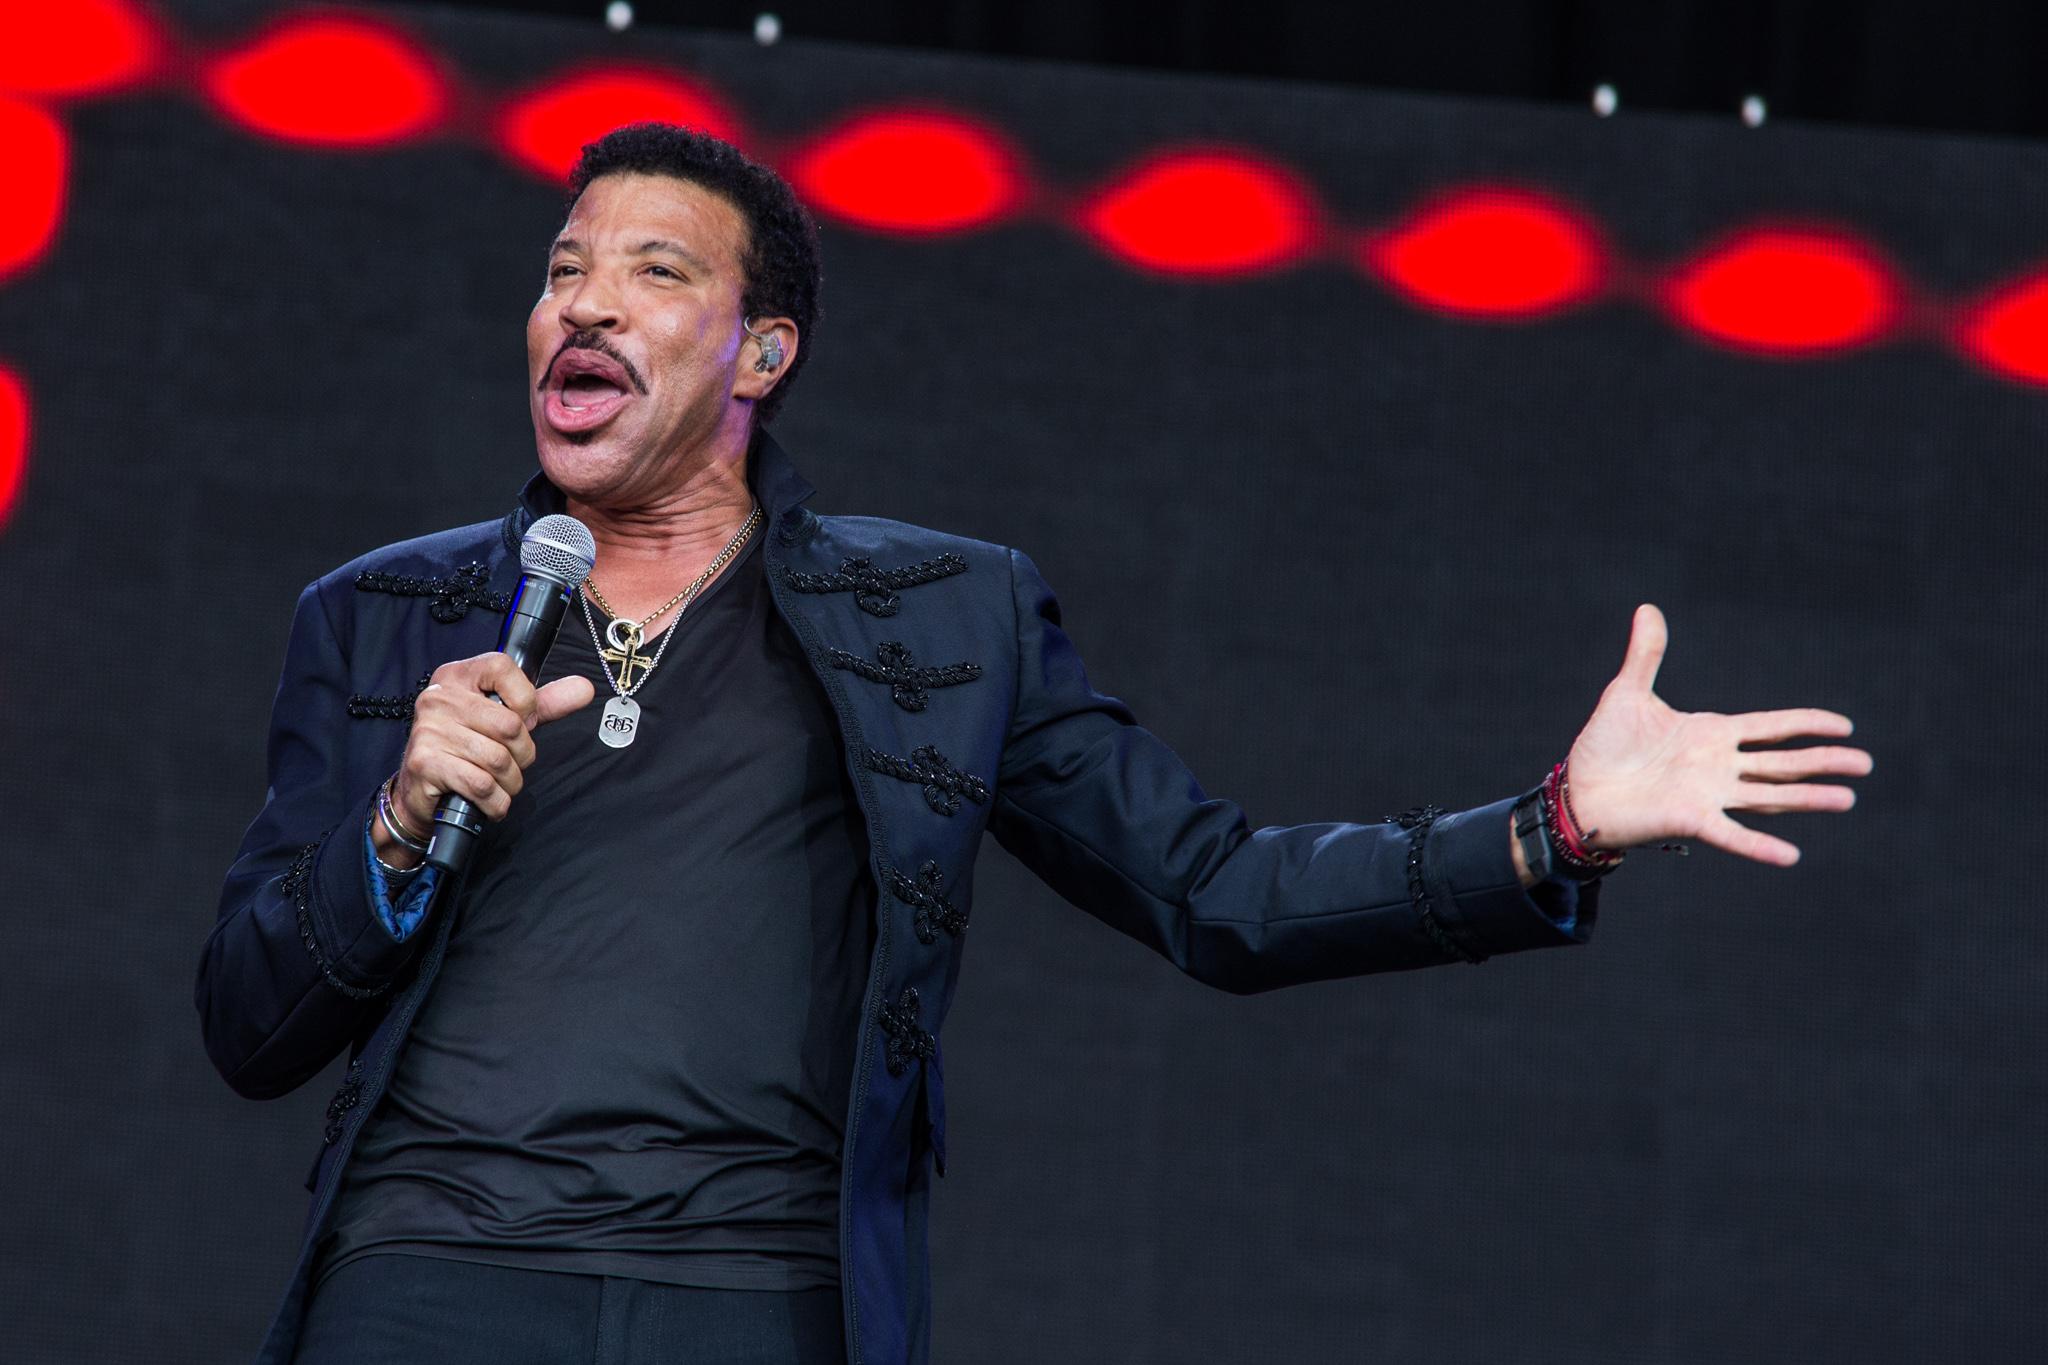 Lionel Richie embraces Glastonbury 2015's legend slot